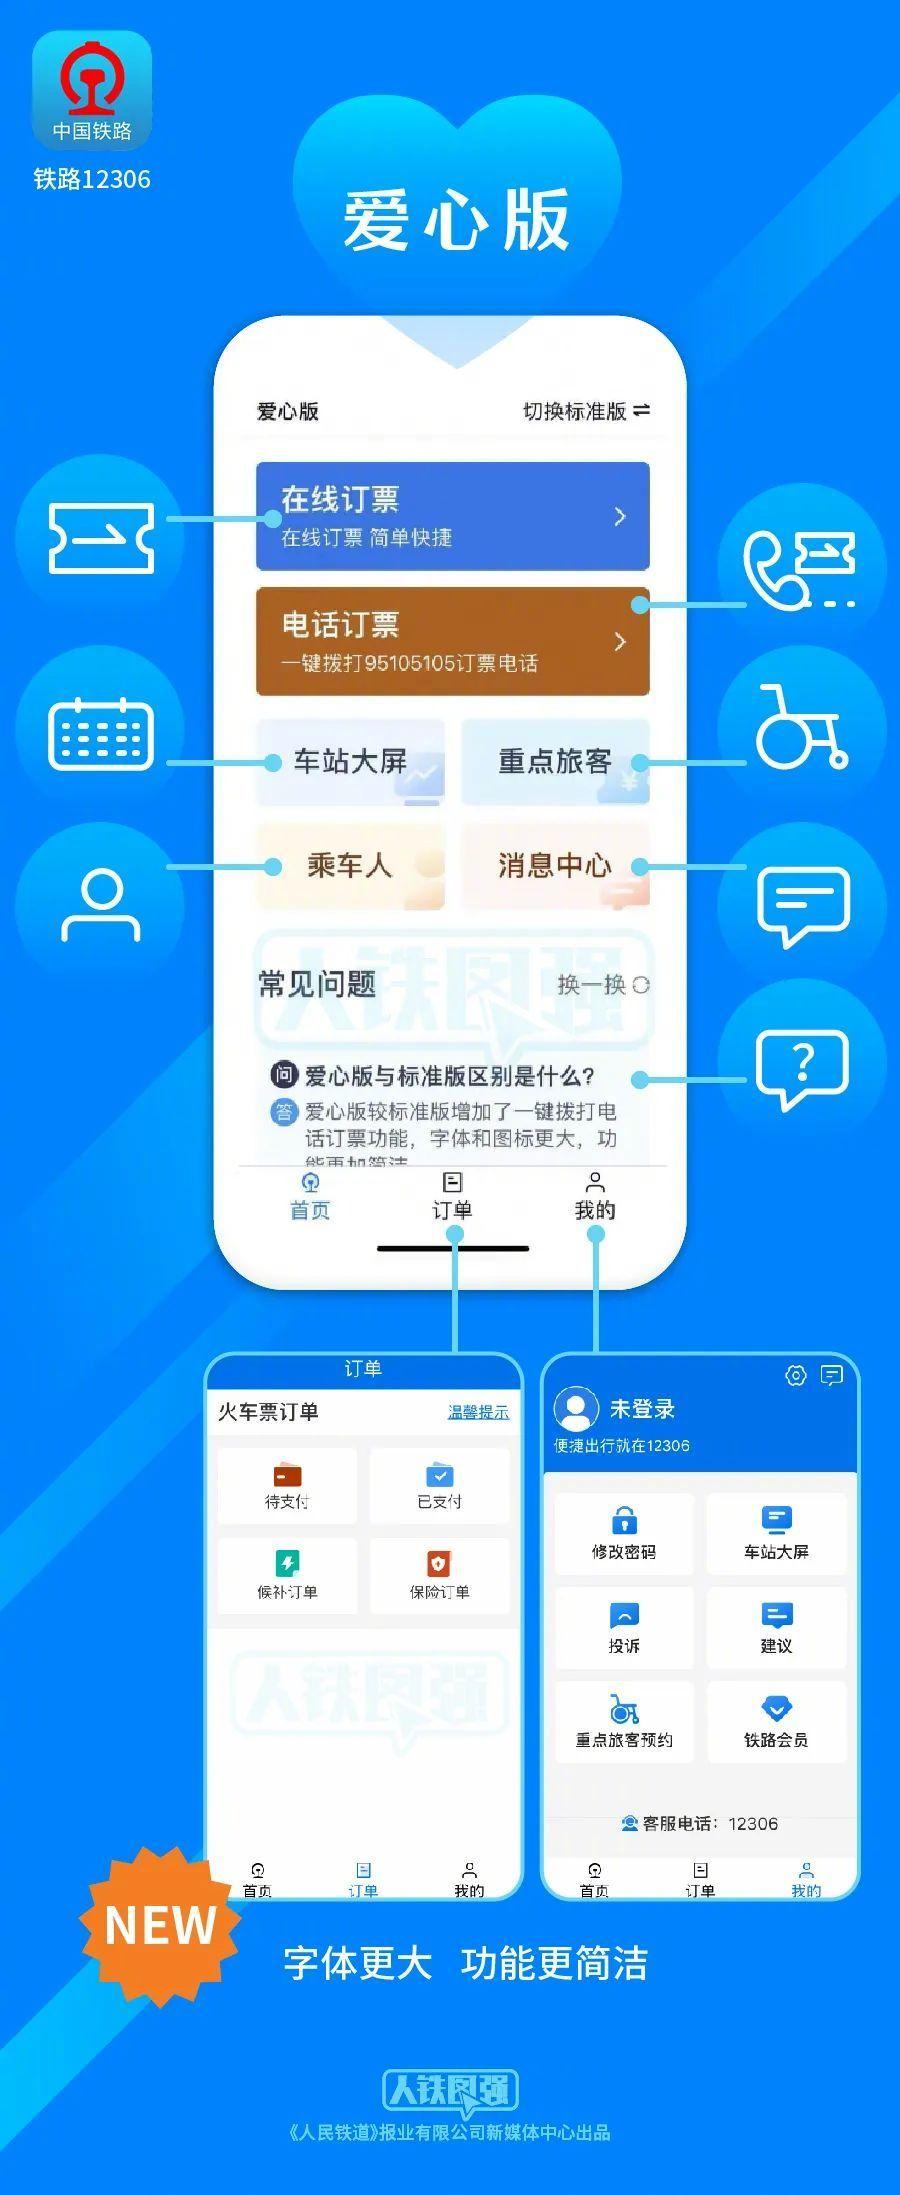 铁路 12306 App 爱心版上线:字体变大、菜单结构简化,还能一键电话订票